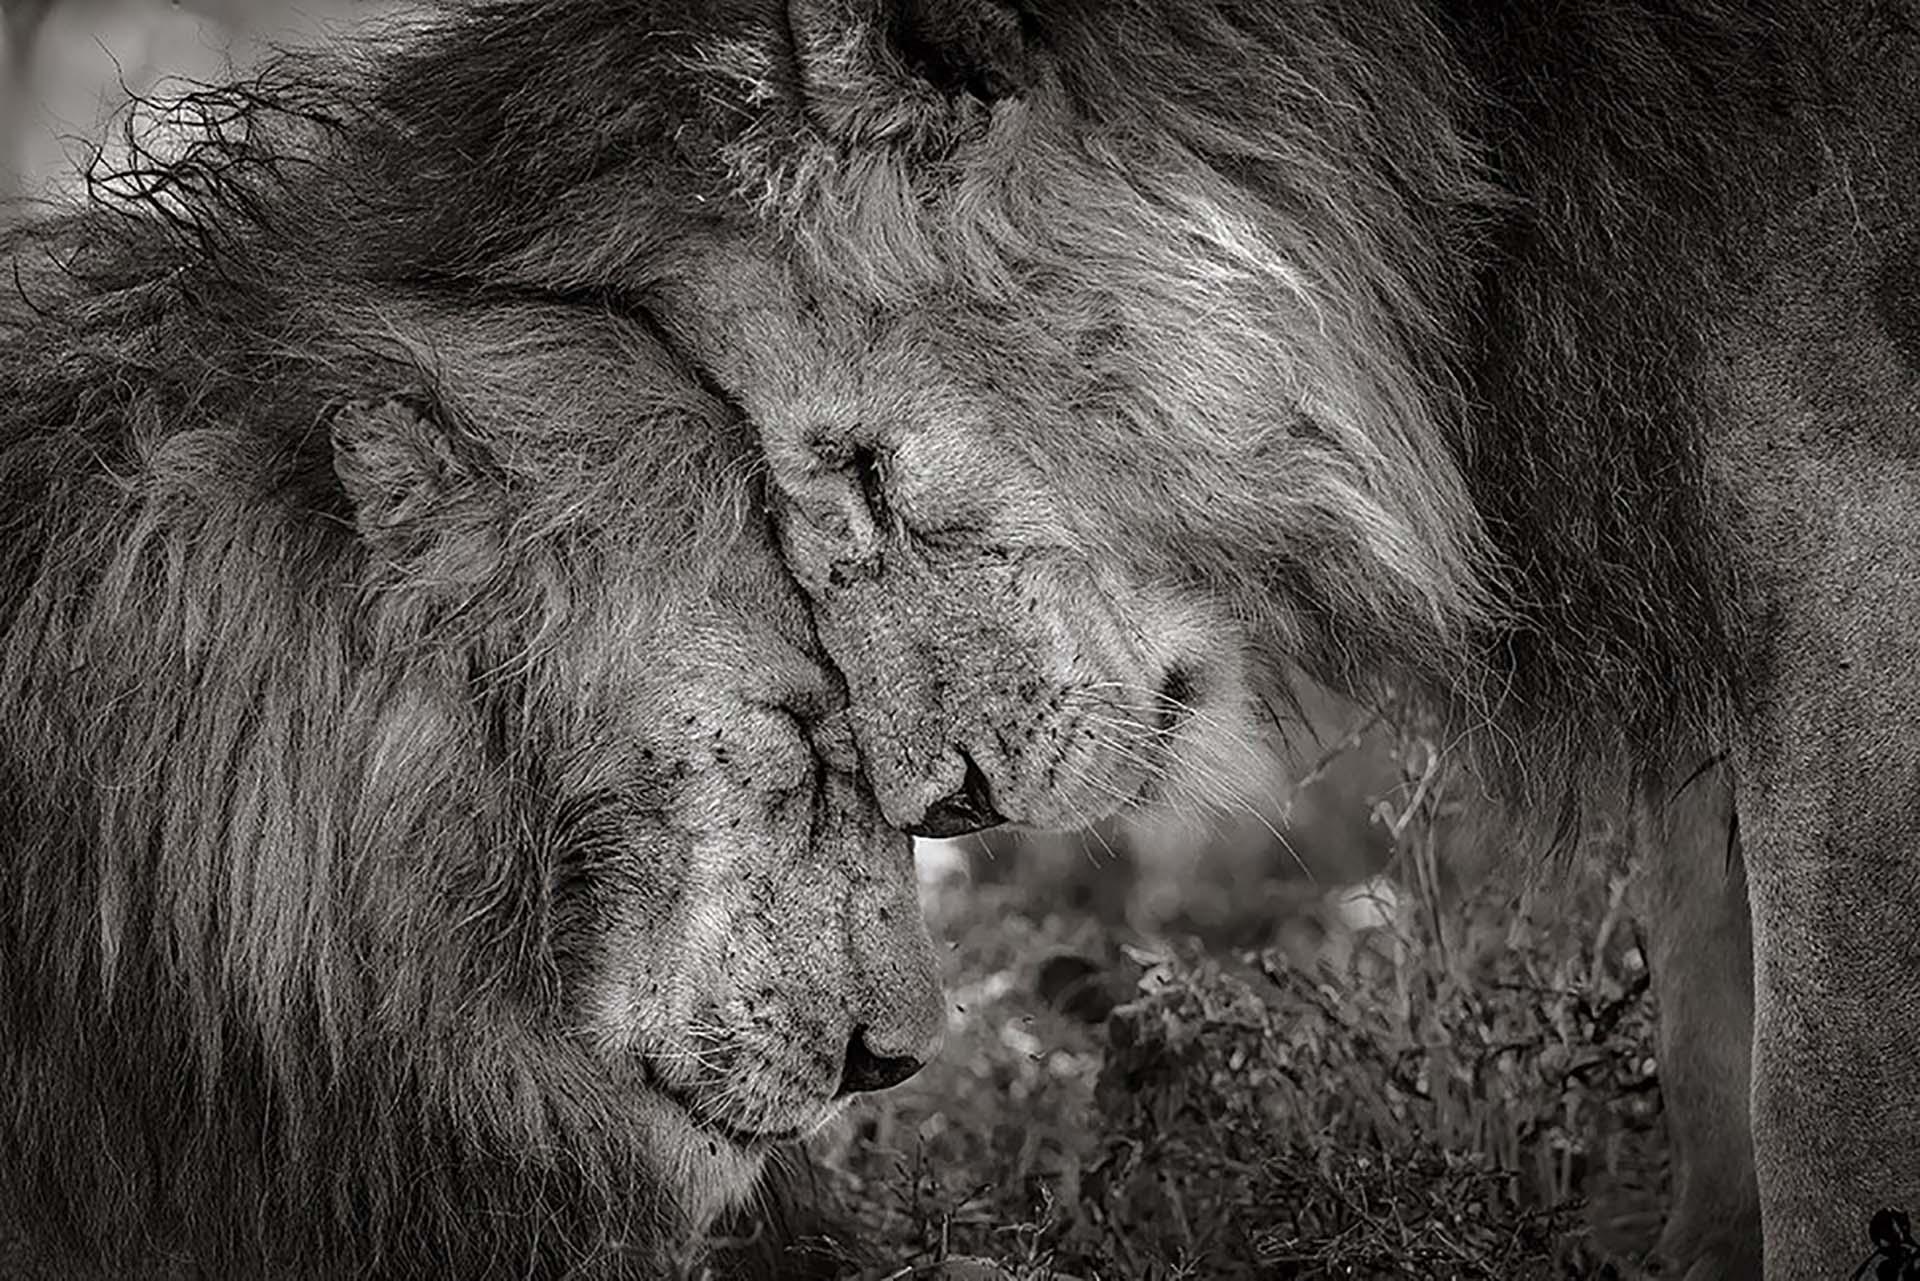 'Vínculo de hermanos': Dos leones machos adultos se saludan frotando sus caras. La fotografía fue tomada en Tanzania por David Lloyd